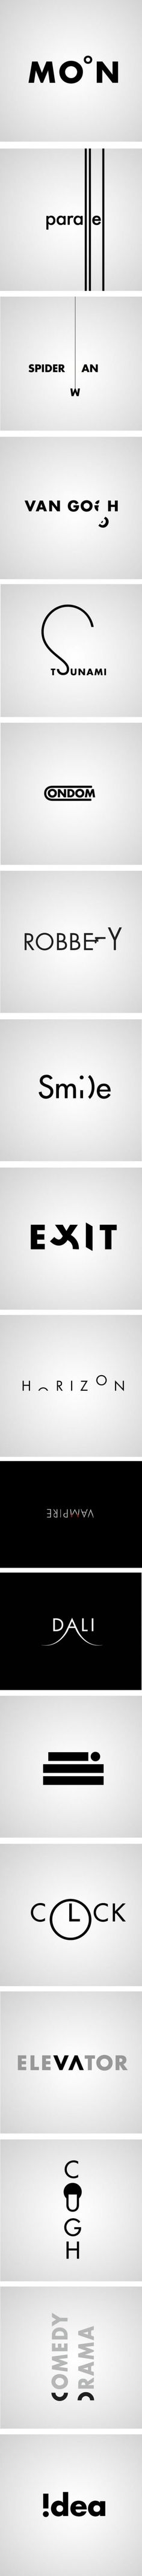 Brilliant Typographic Ideas